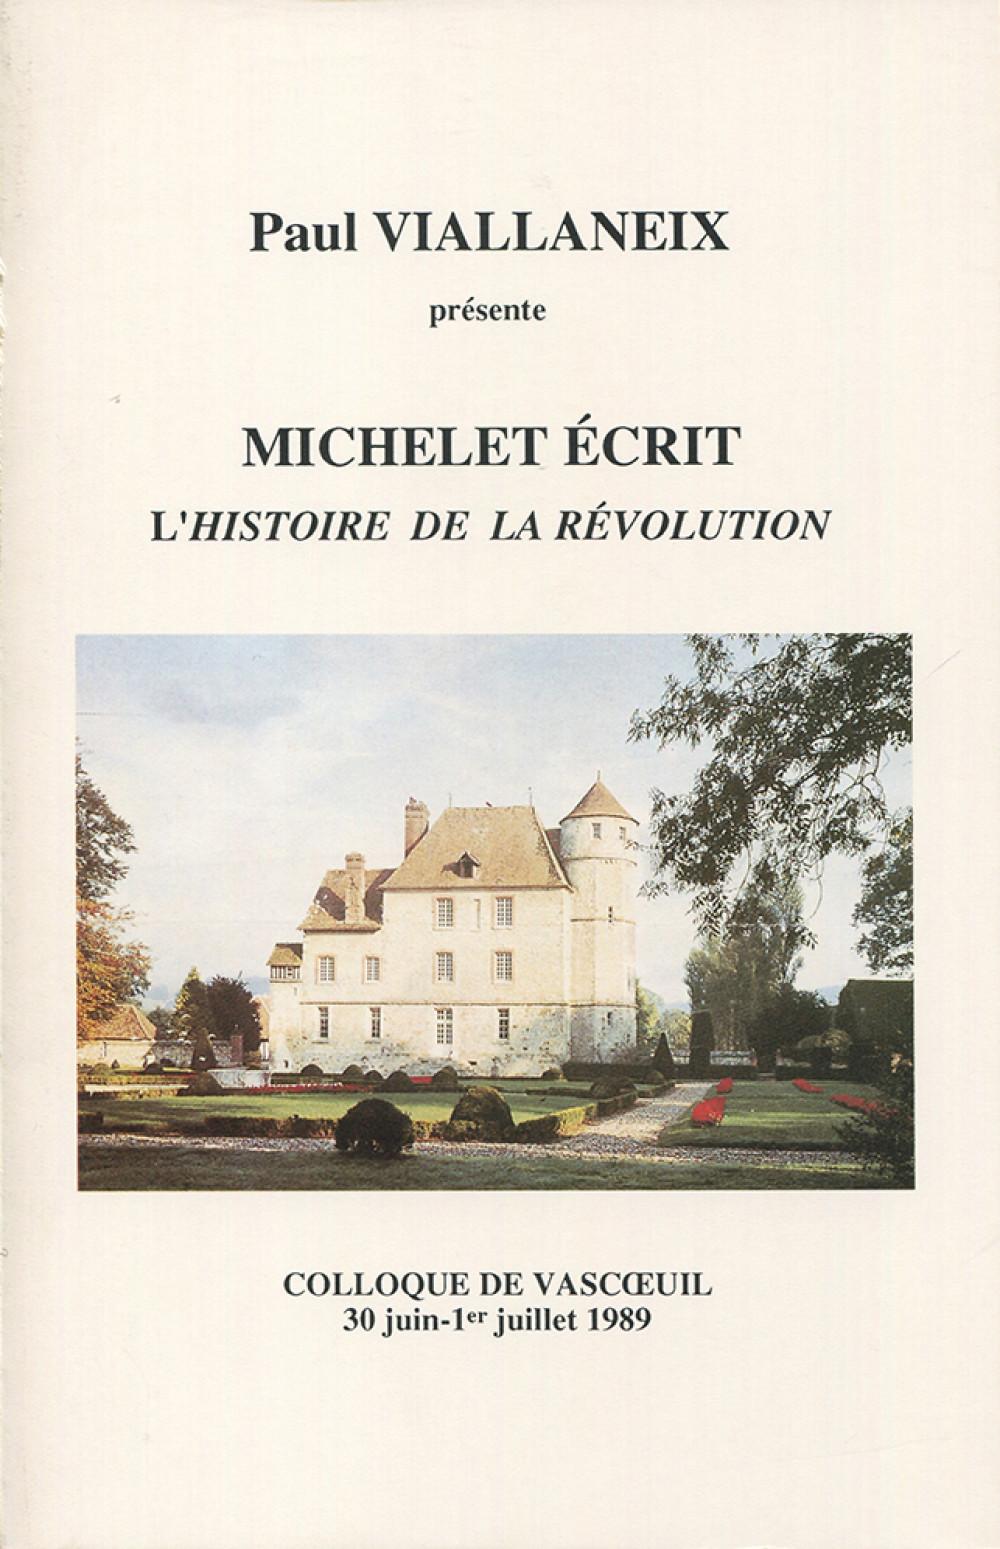 Michelet écrit l'<i>Histoire de la Révolution</i>